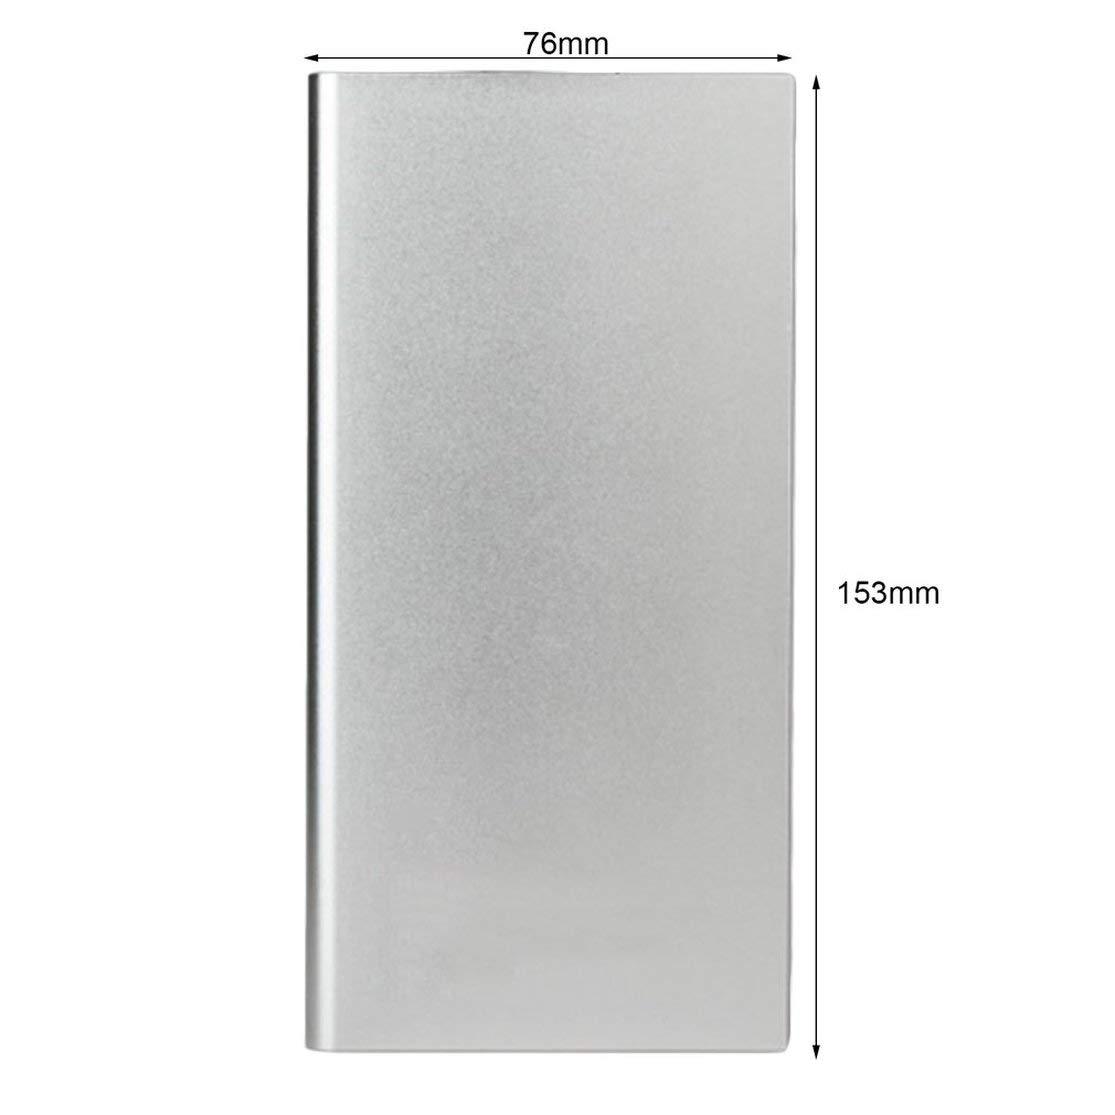 LouiseEvel215 6000mAh Universal Power Bank Fuente de alimentaci/ón USB Doble ultrafina DE 9,5 mm para cargadores de bater/ías port/átiles